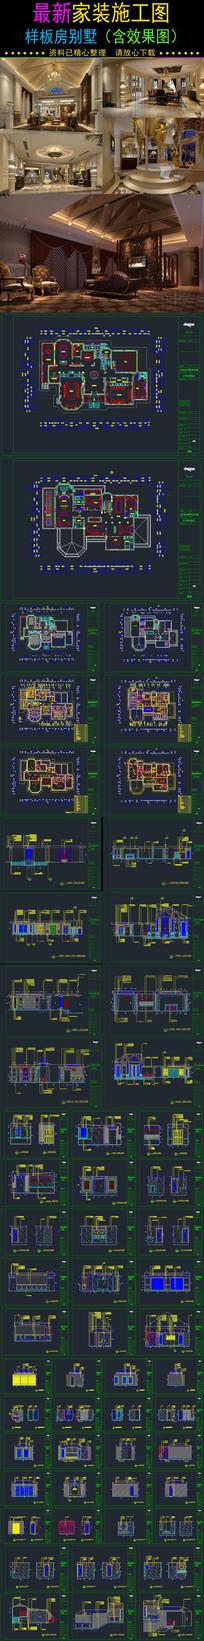 室内装修设计cad图纸含效果图